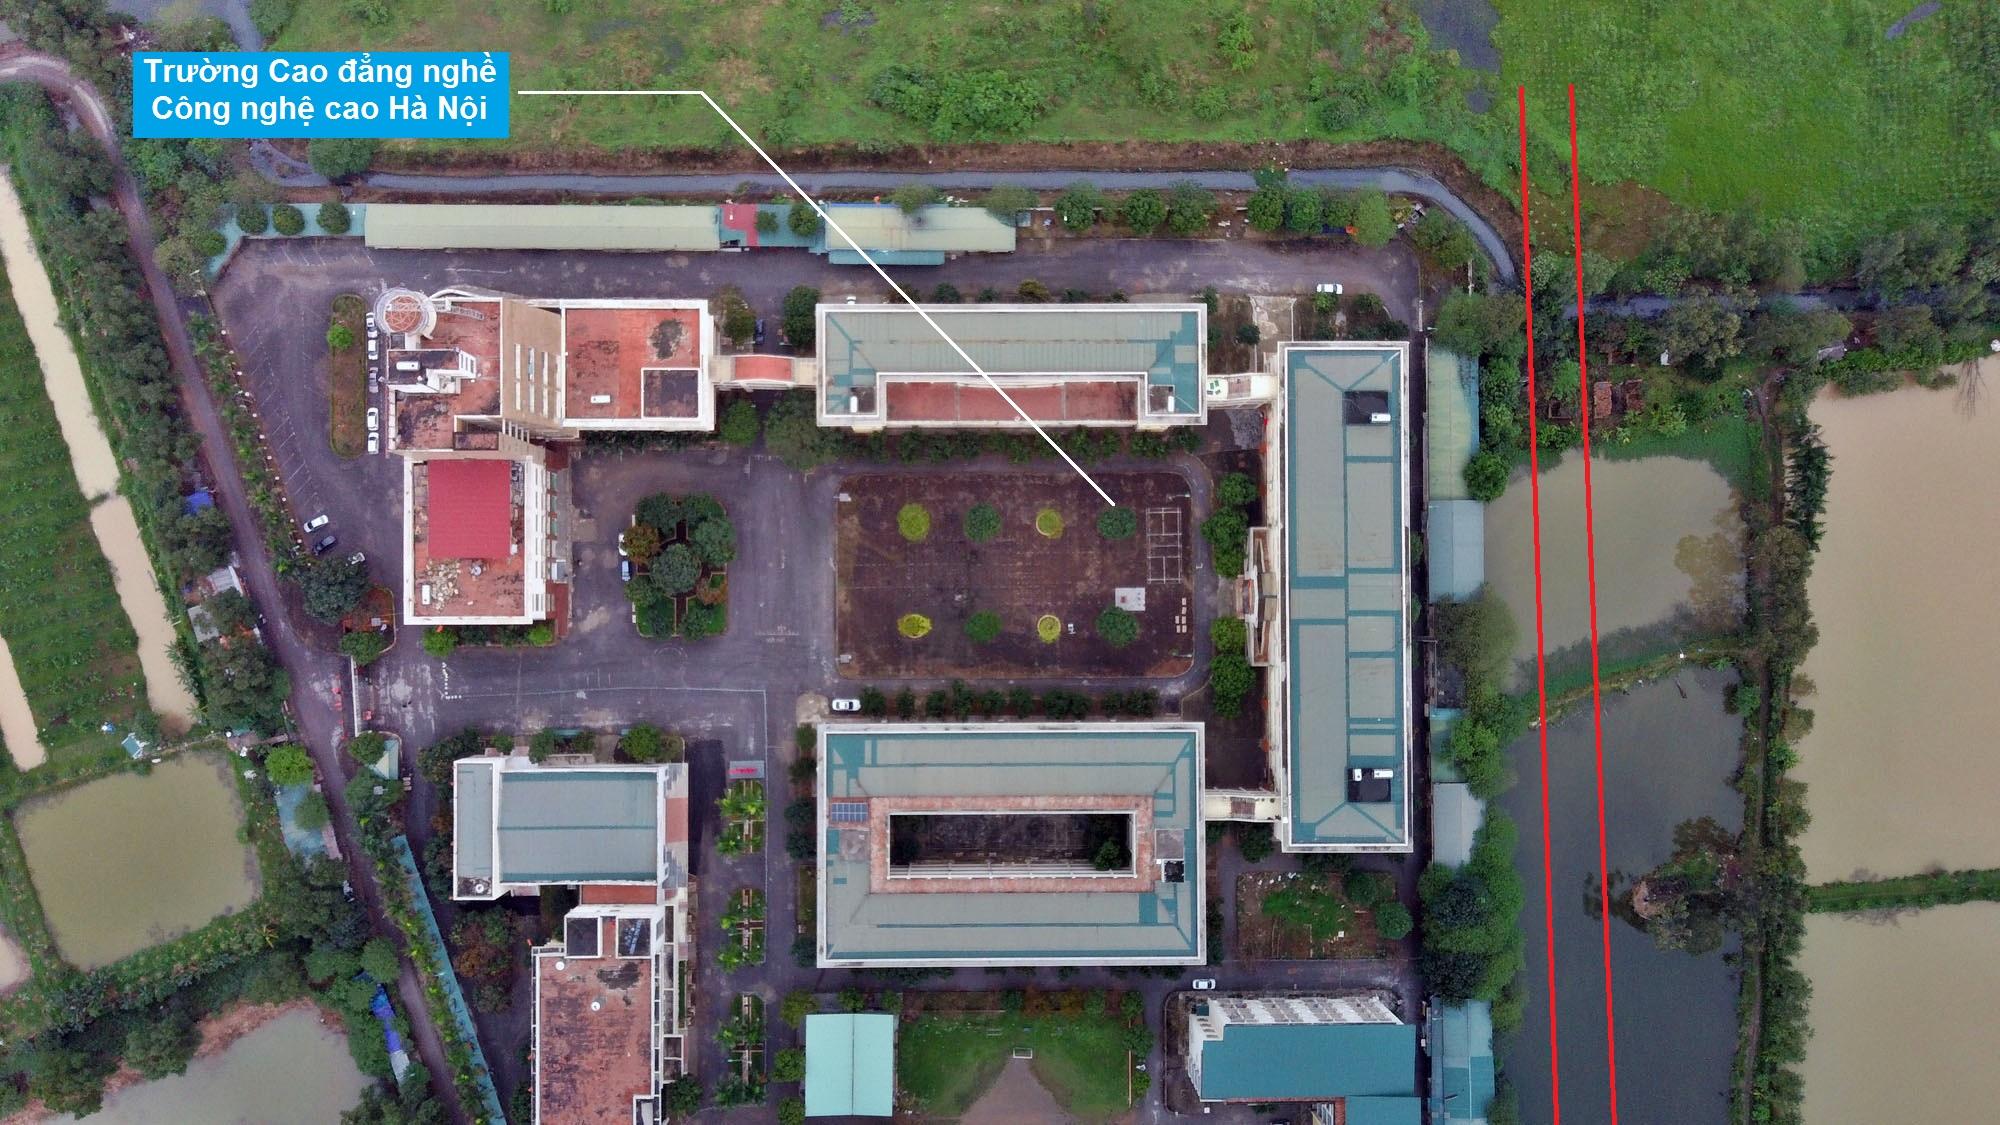 Ba đường sẽ mở theo qui hoạch ở phường Tây Mỗ, Nam Từ Liêm, Hà Nội (phần 2) - Ảnh 7.